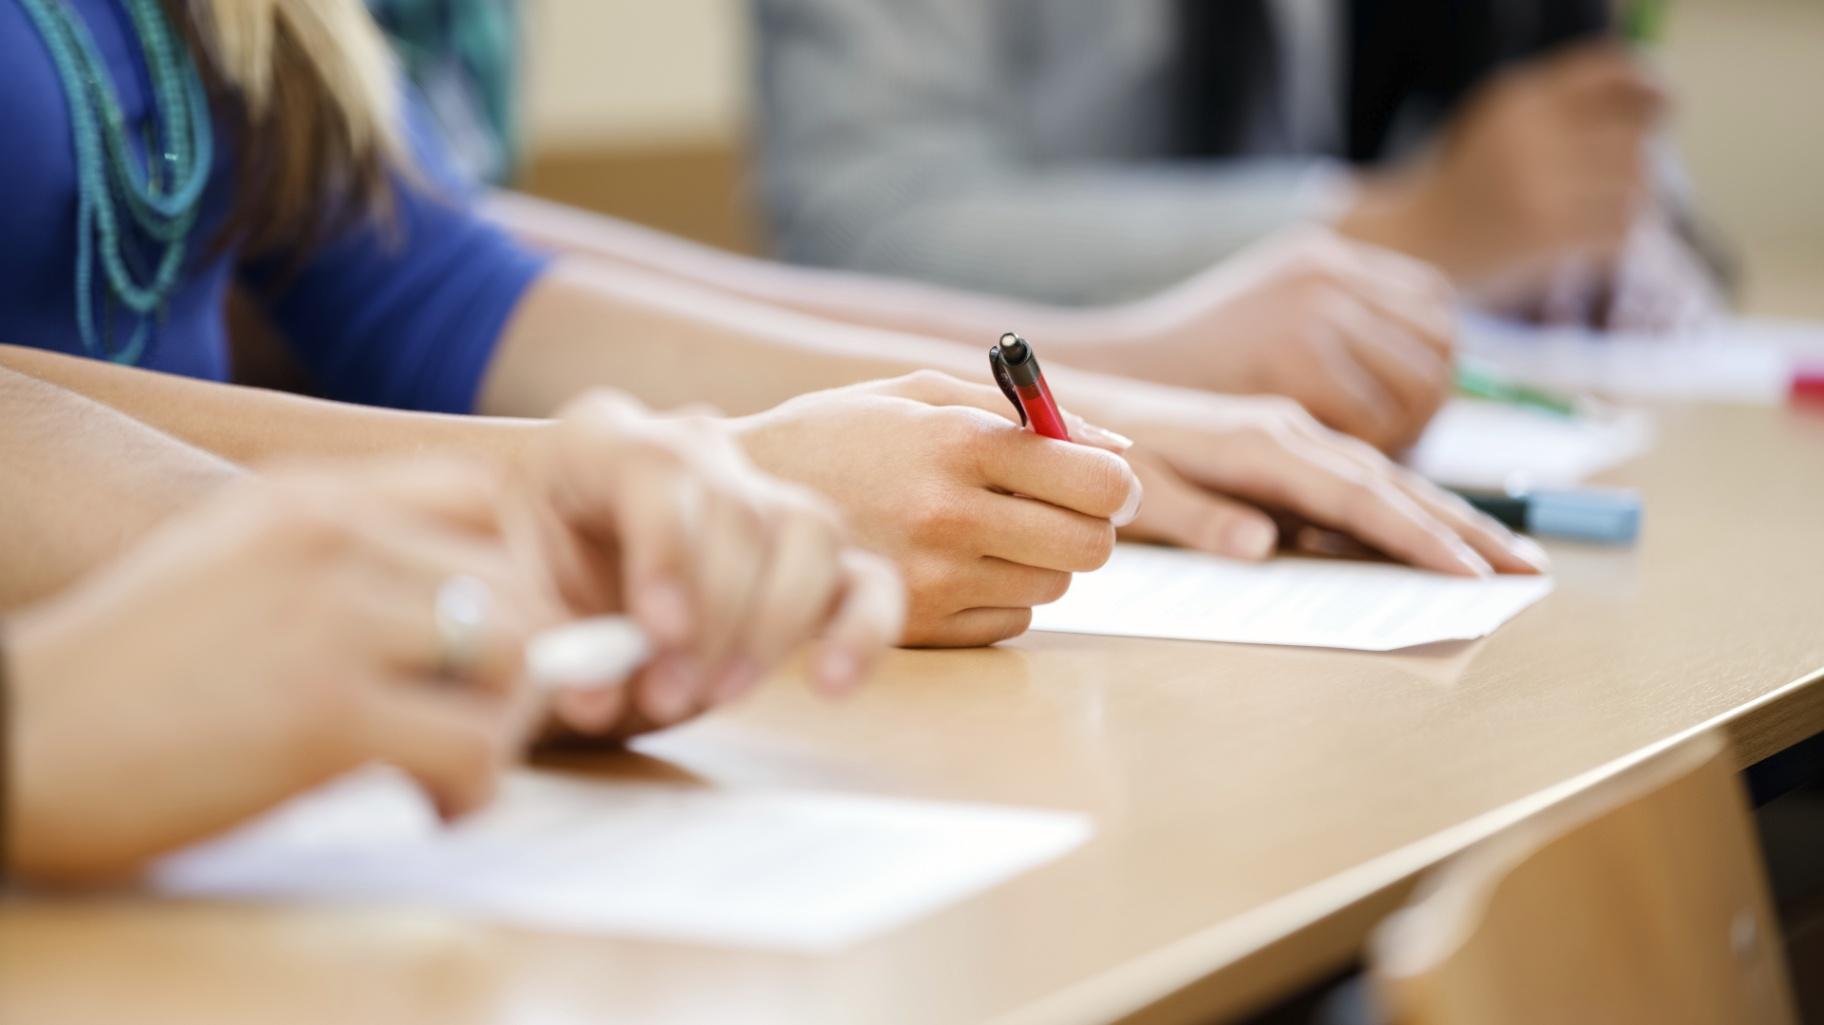 Concurso da Câmara Municipal – Descubra os editais e como se inscrever neles